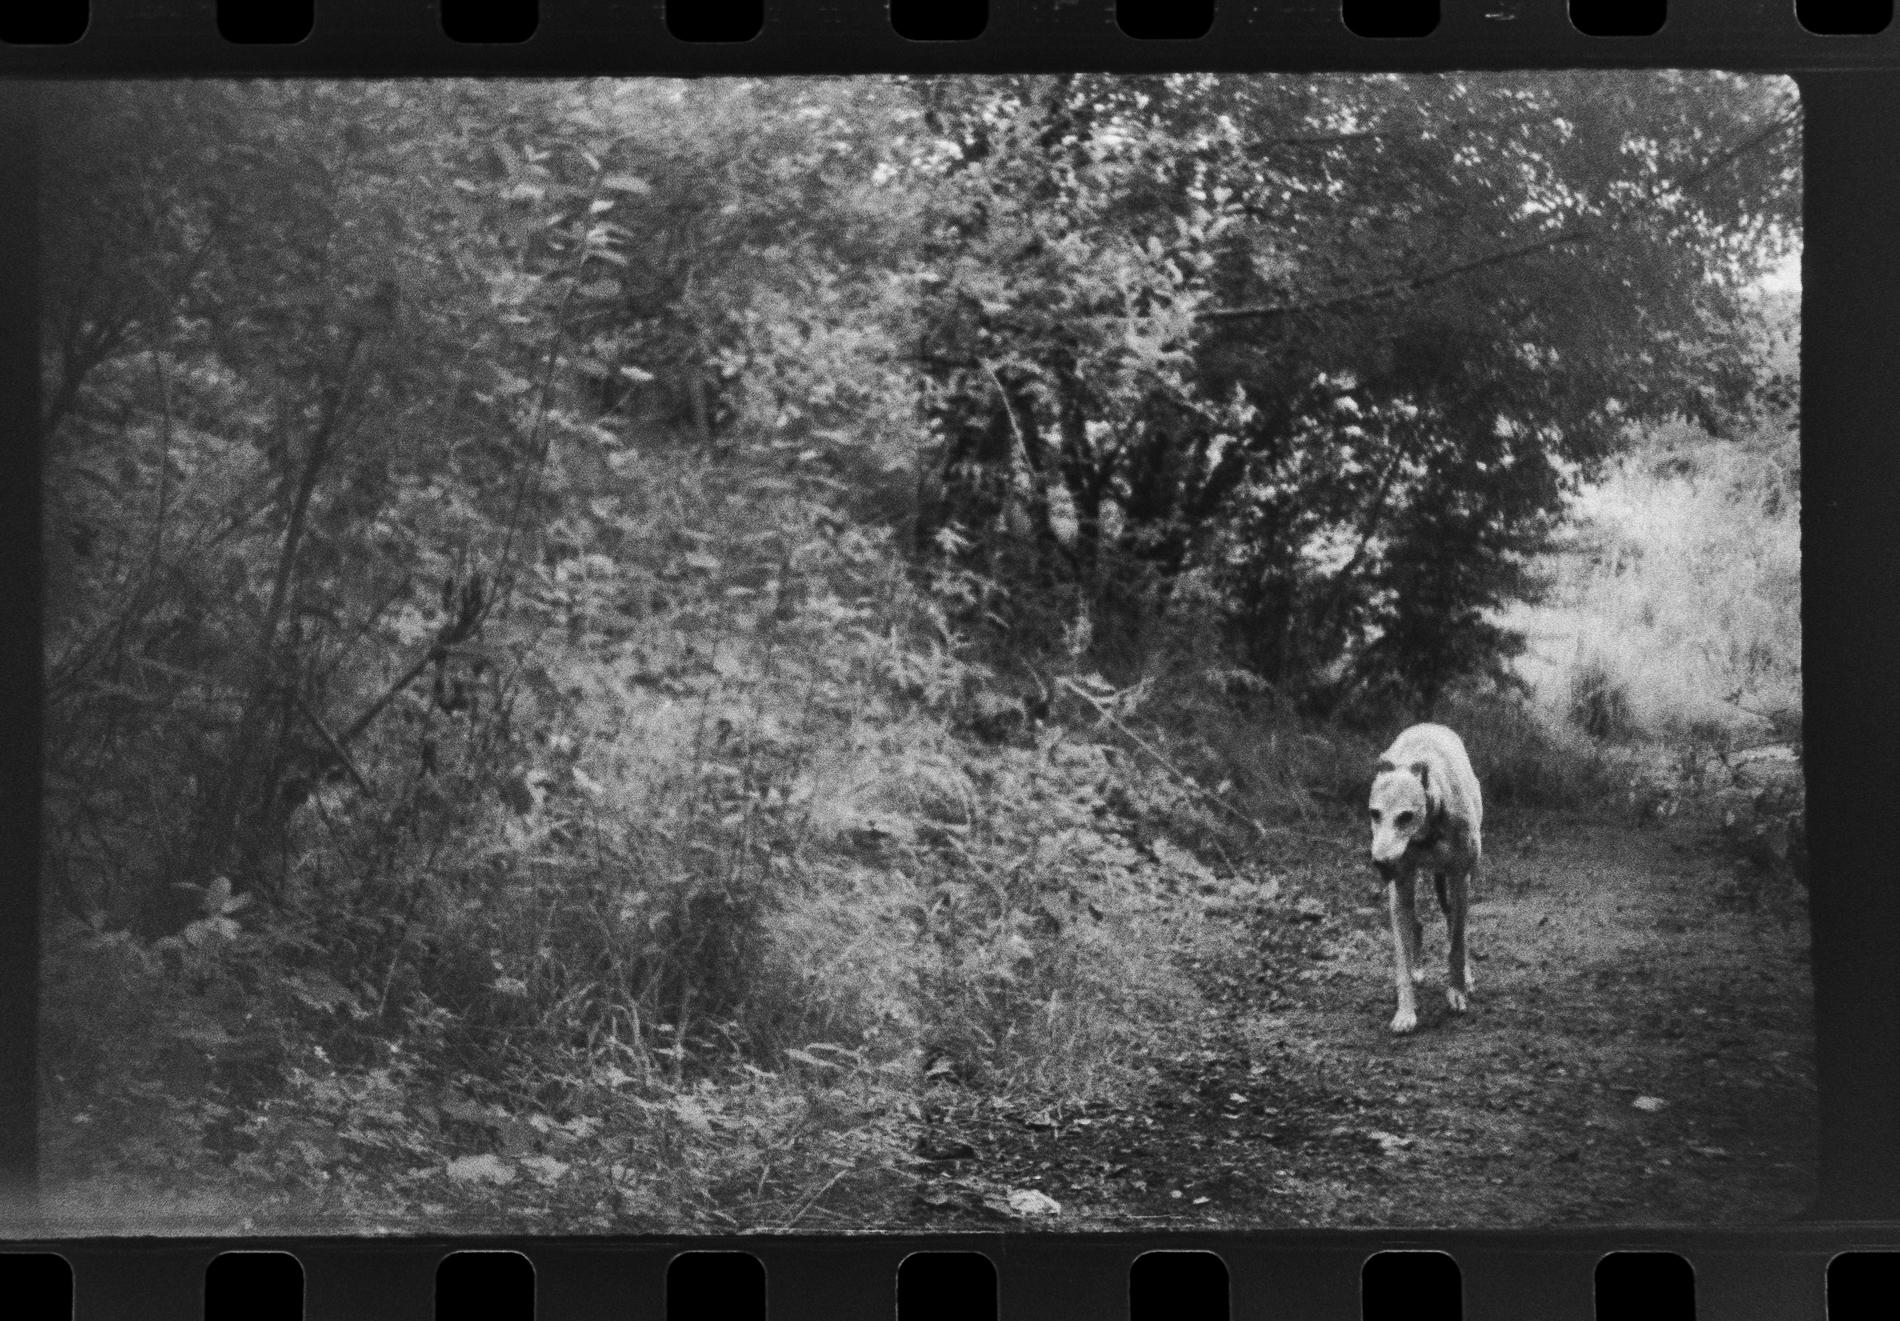 Dog walking on trail (Pic: Toby Van de Velde)